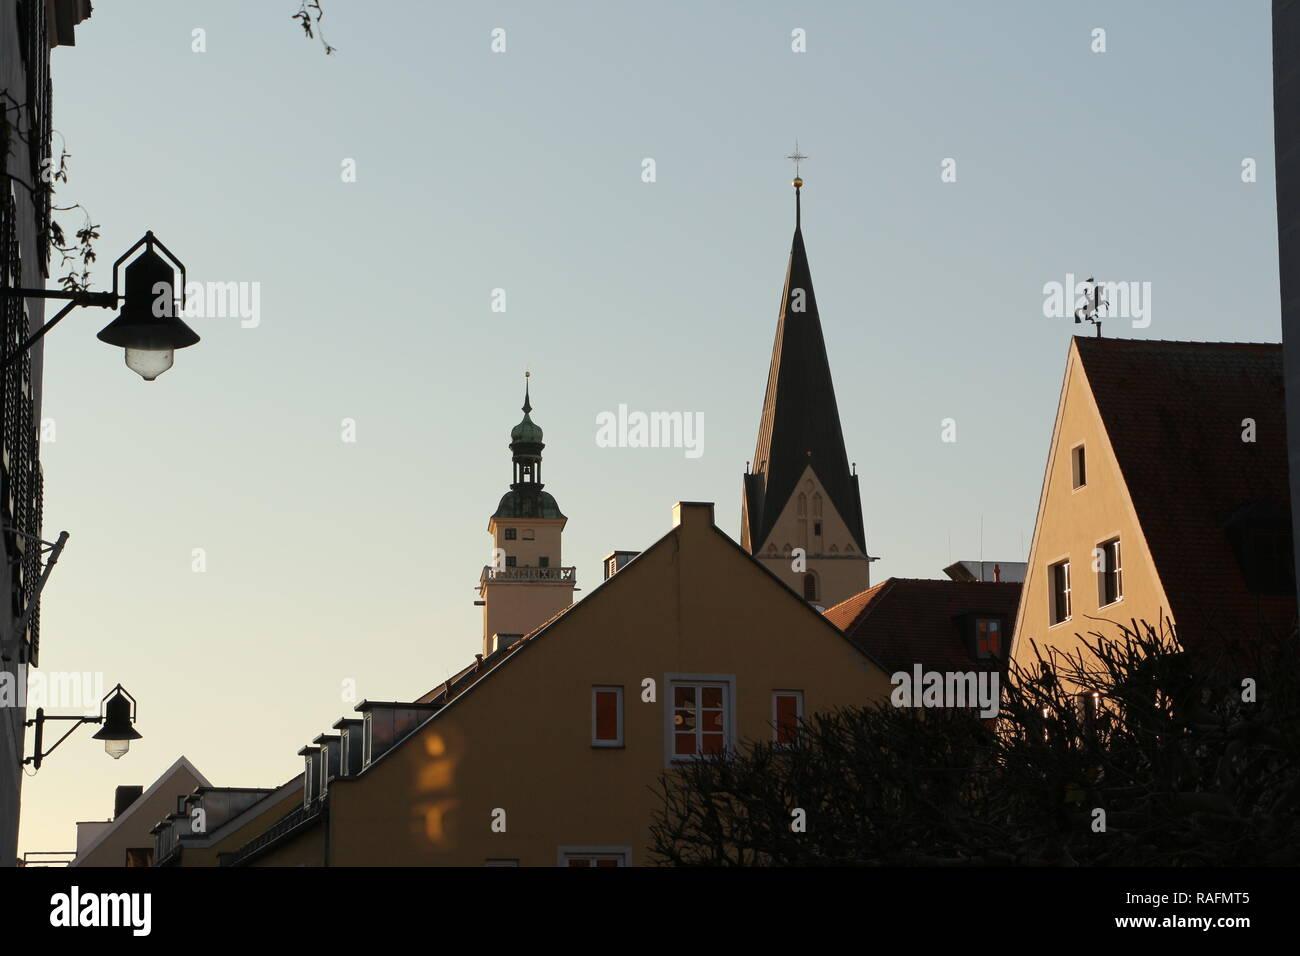 Historische Gebäude im Zentrum von Ingolstadt - Stock Image